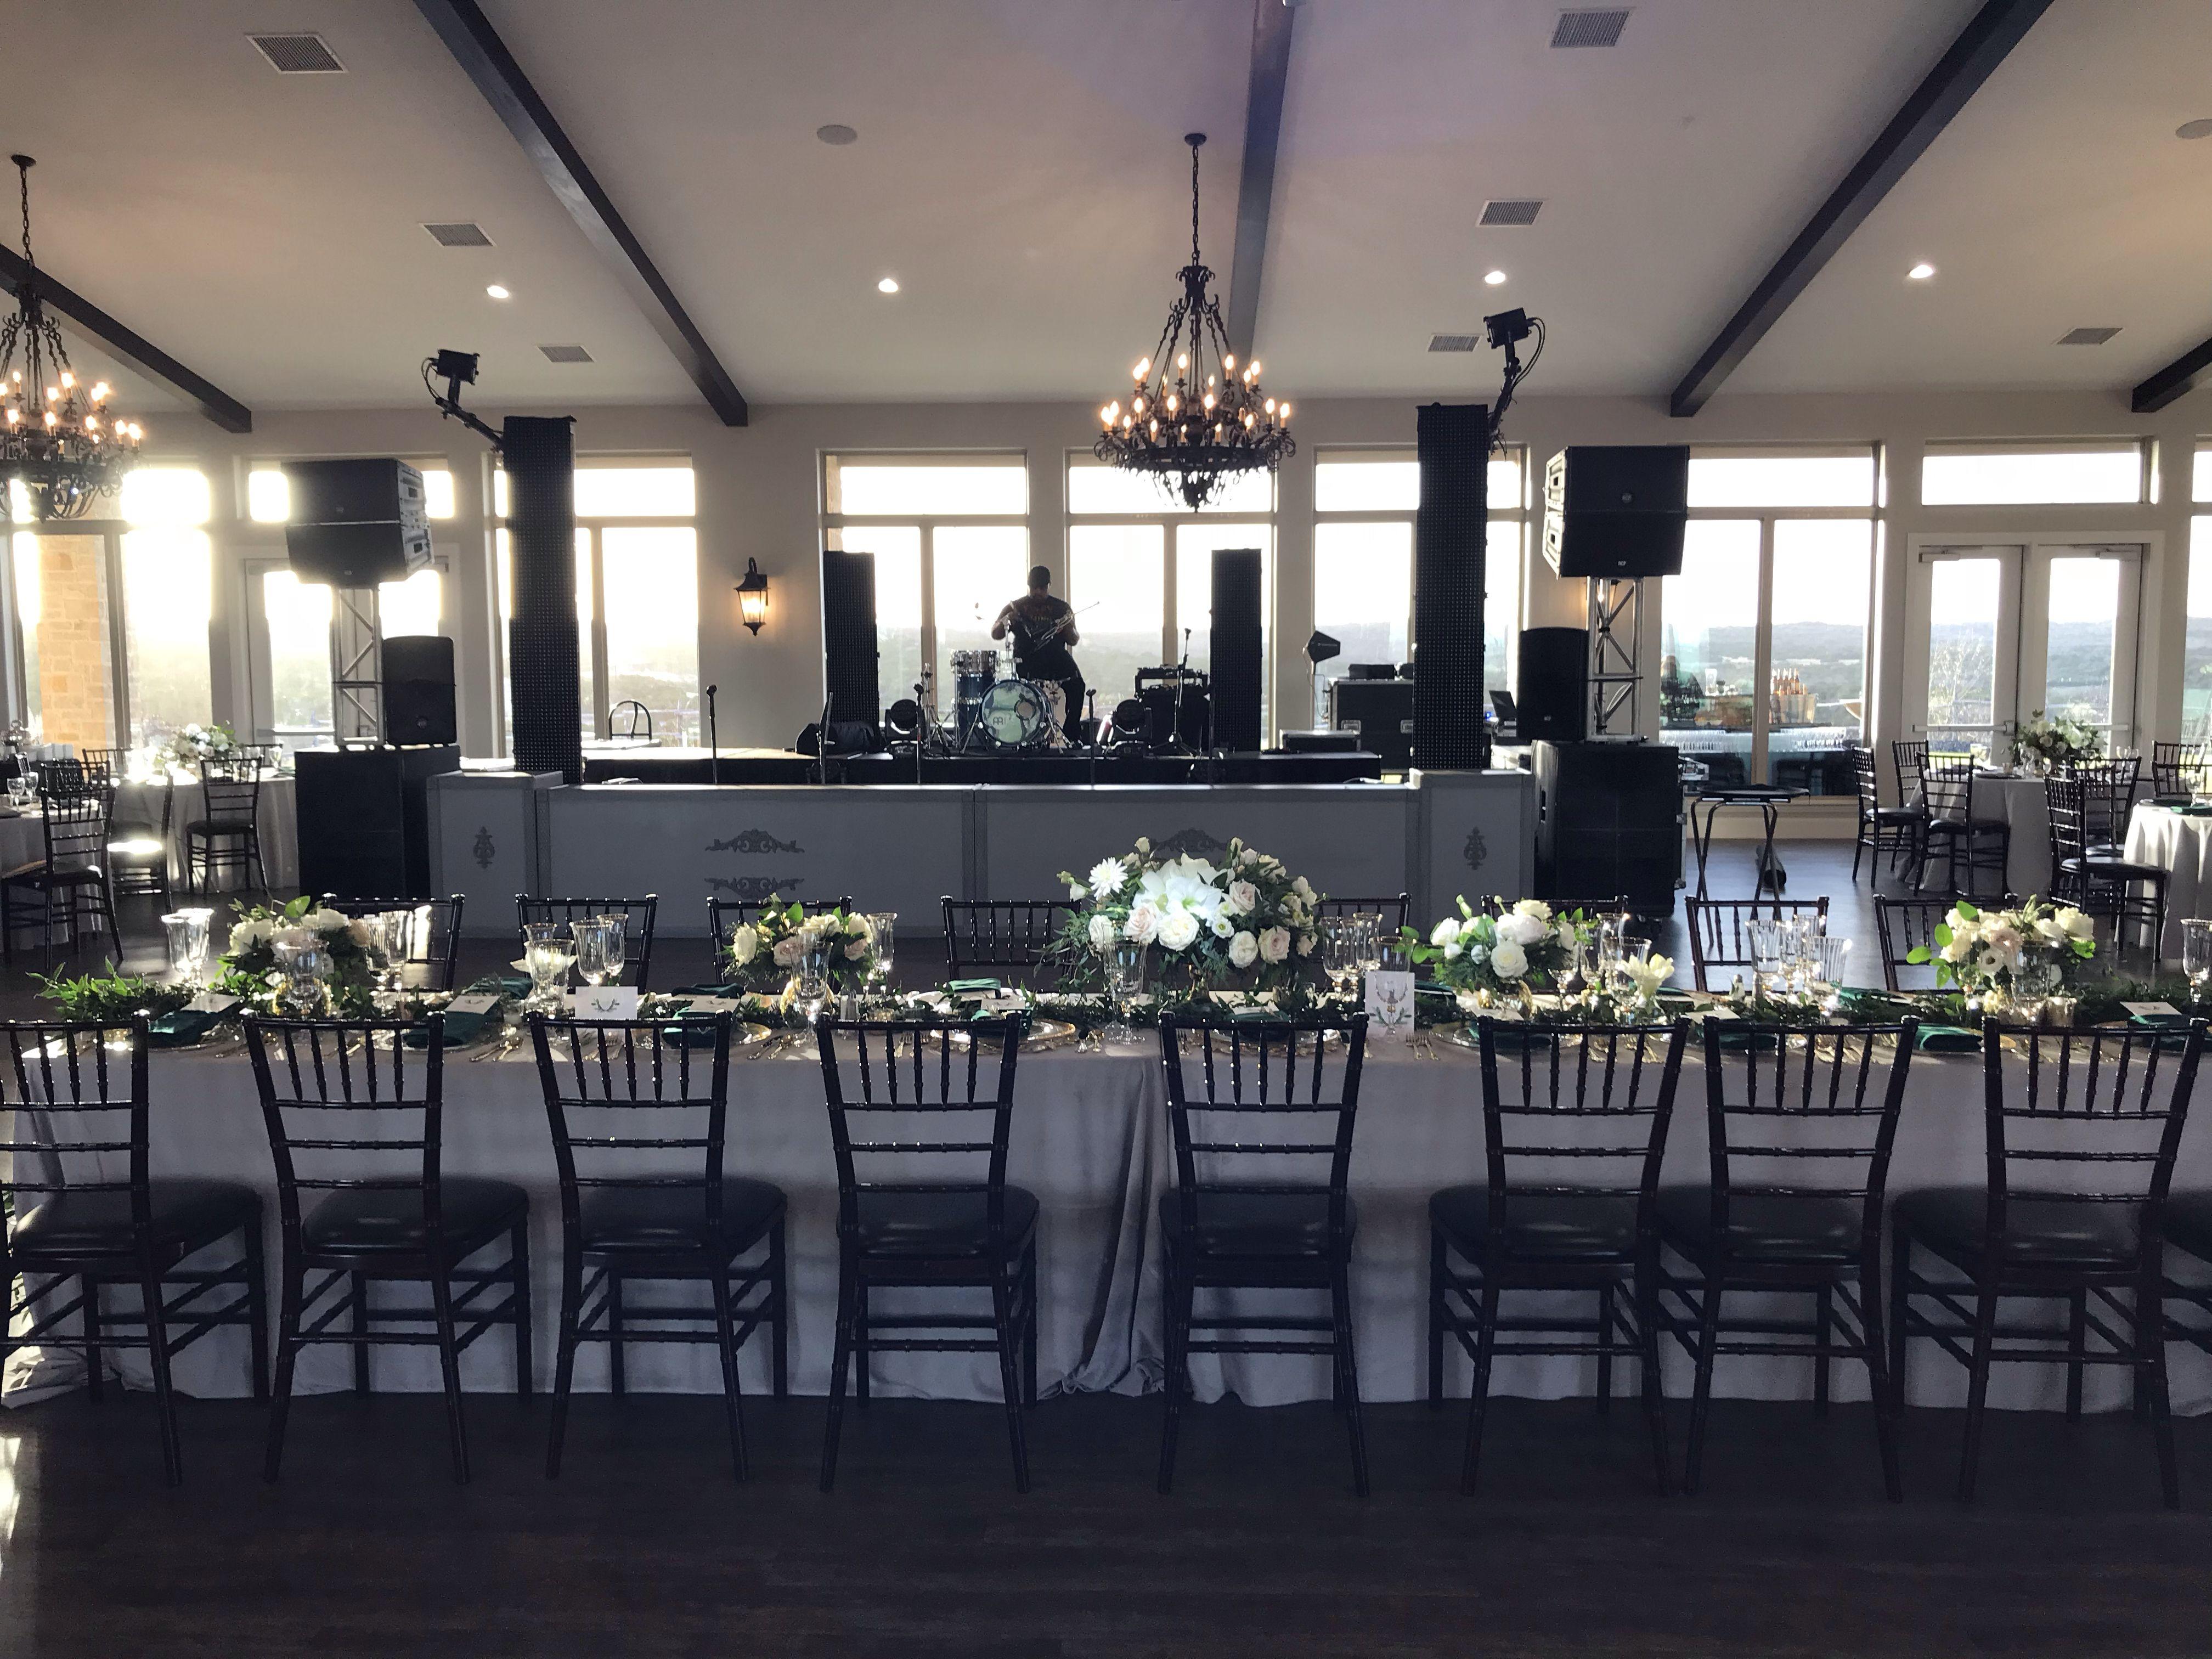 Ft Worth wedding venue overlooking Texas hills - Dove ...